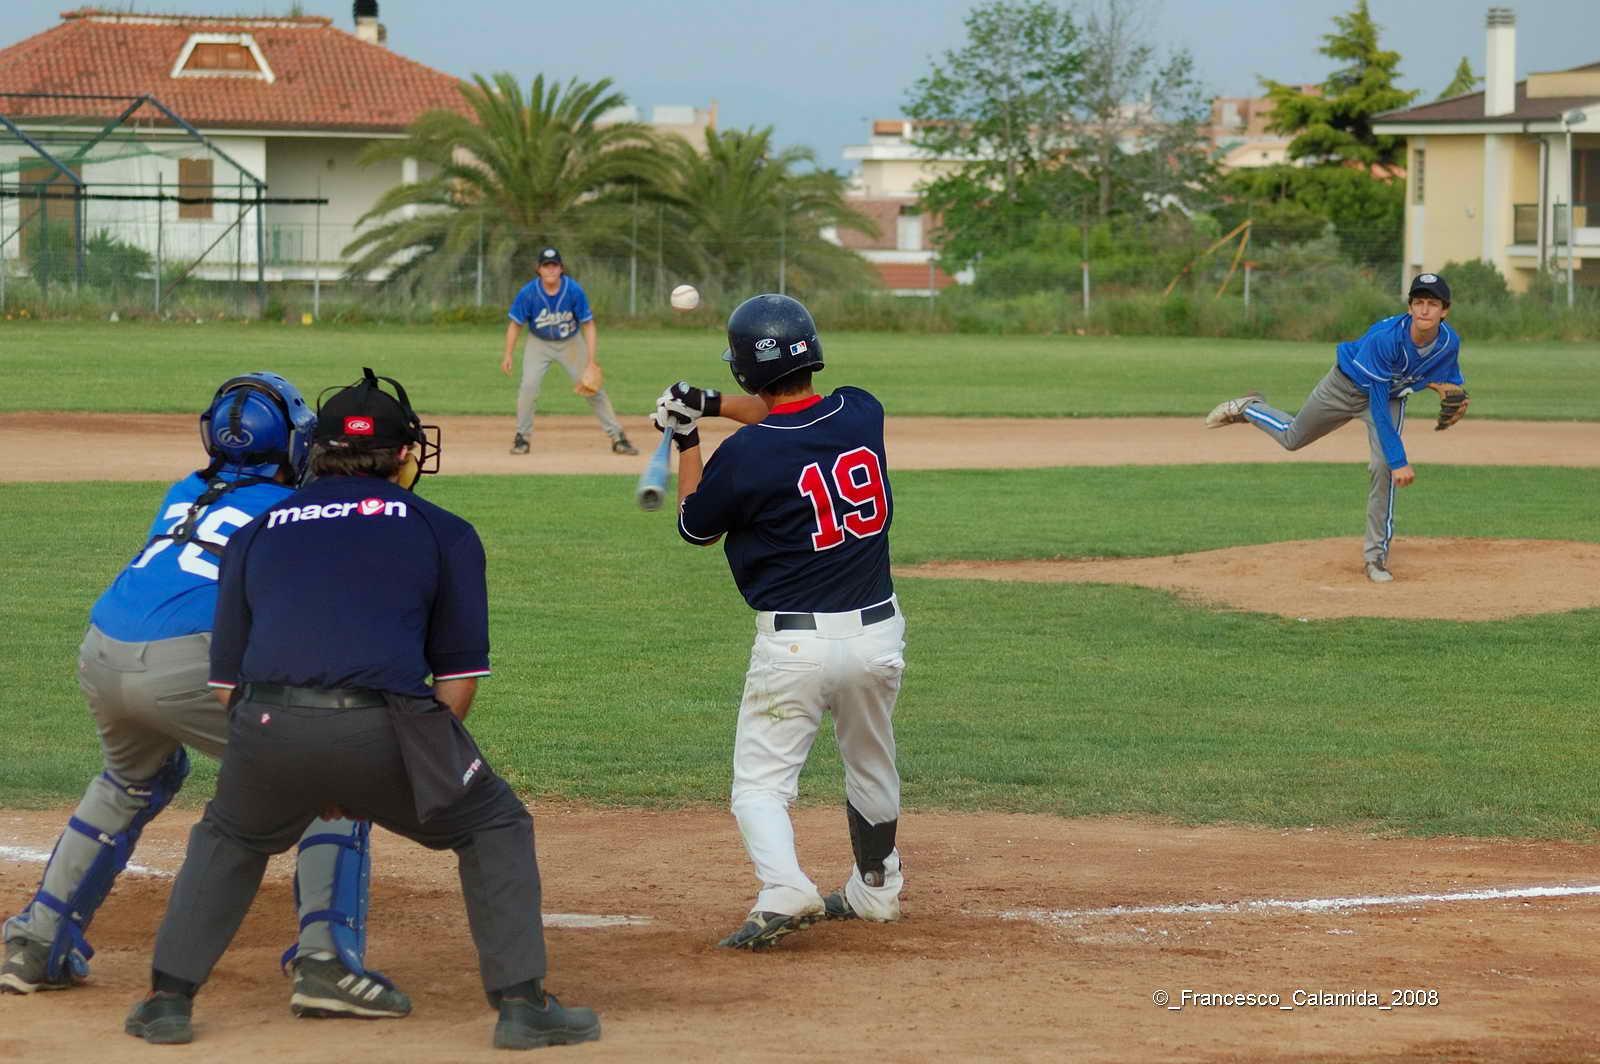 baseball_nikon-d50_028